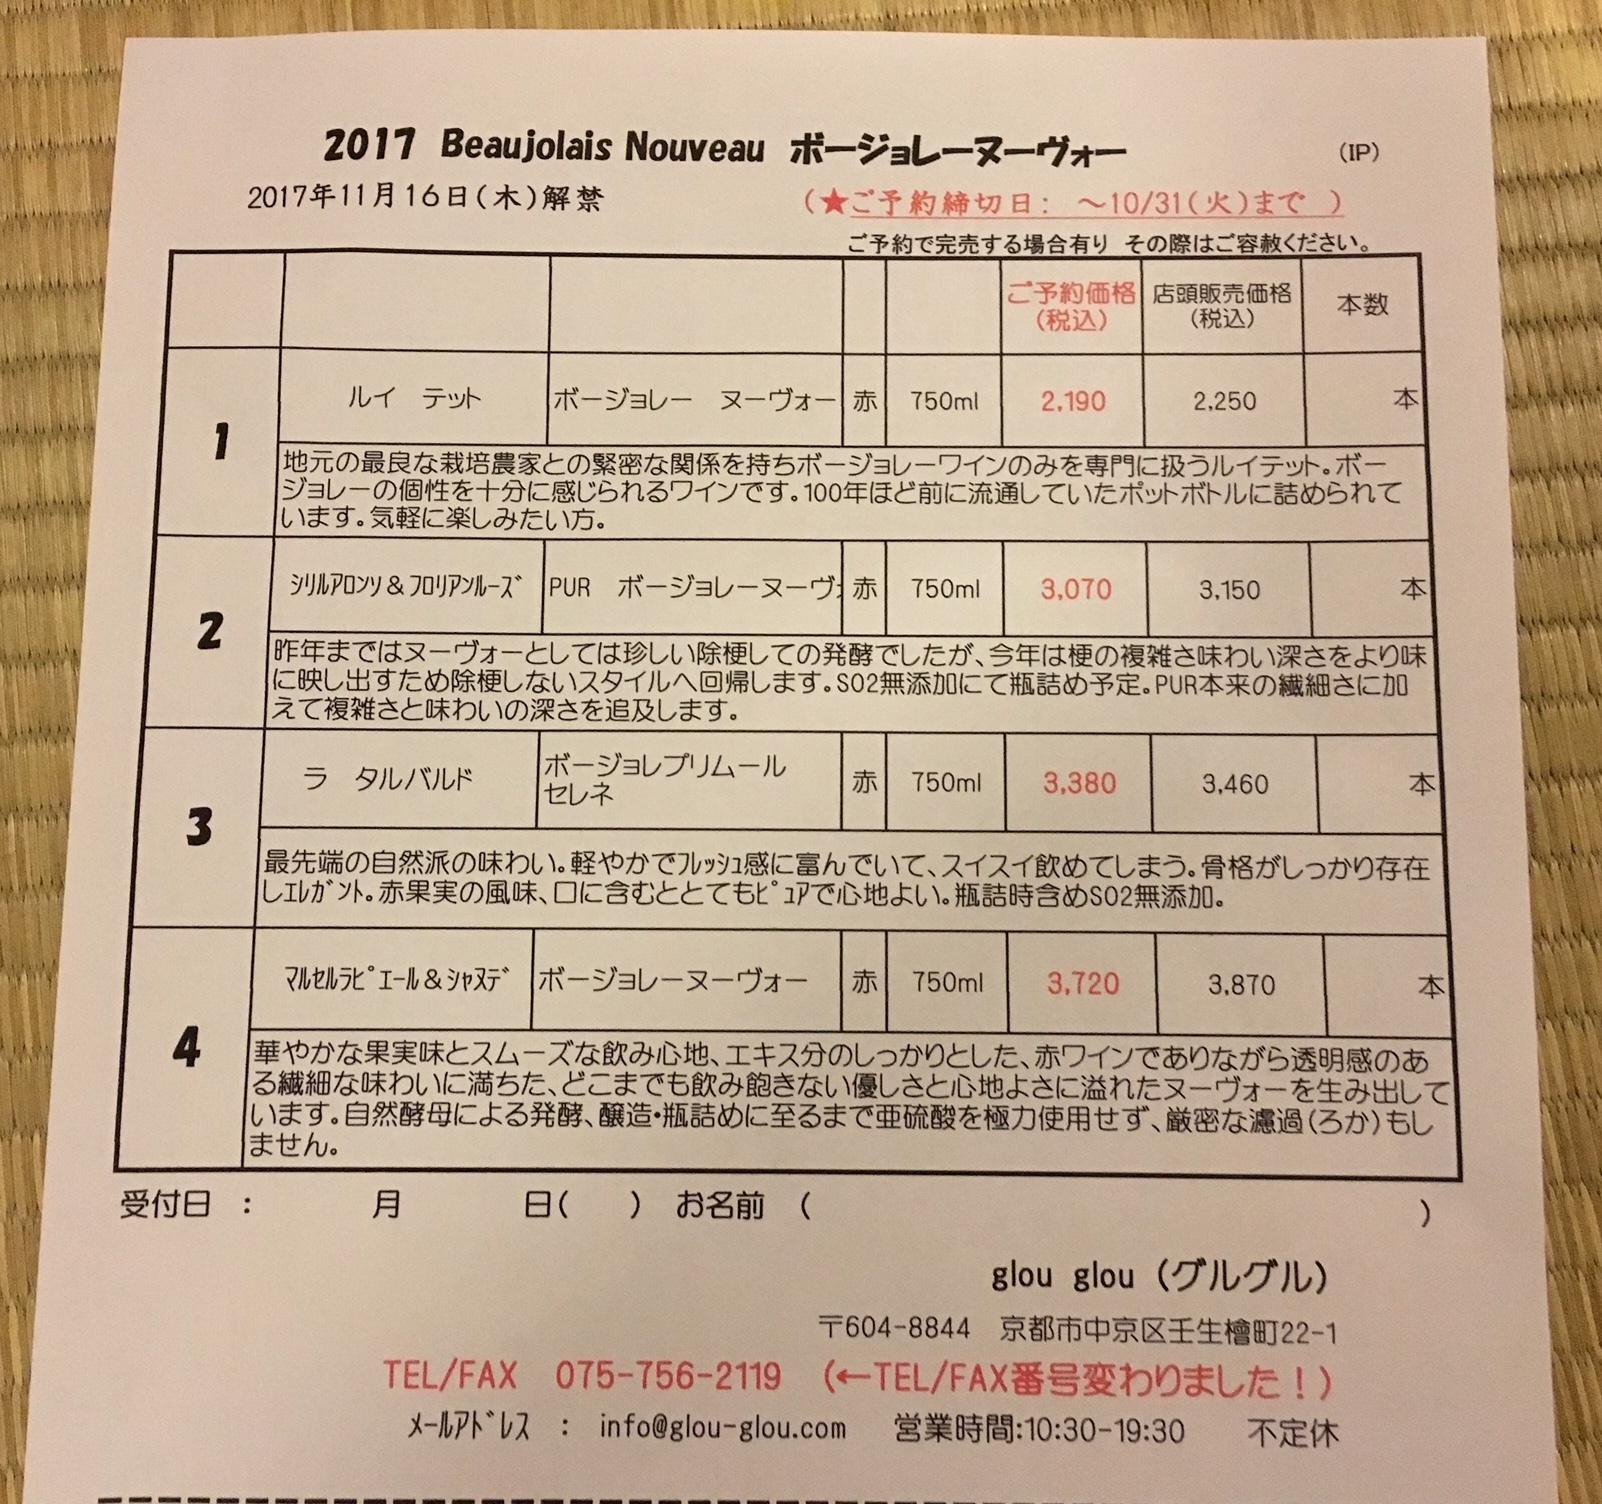 2017 09 ボージョレーヌーヴォーご予約